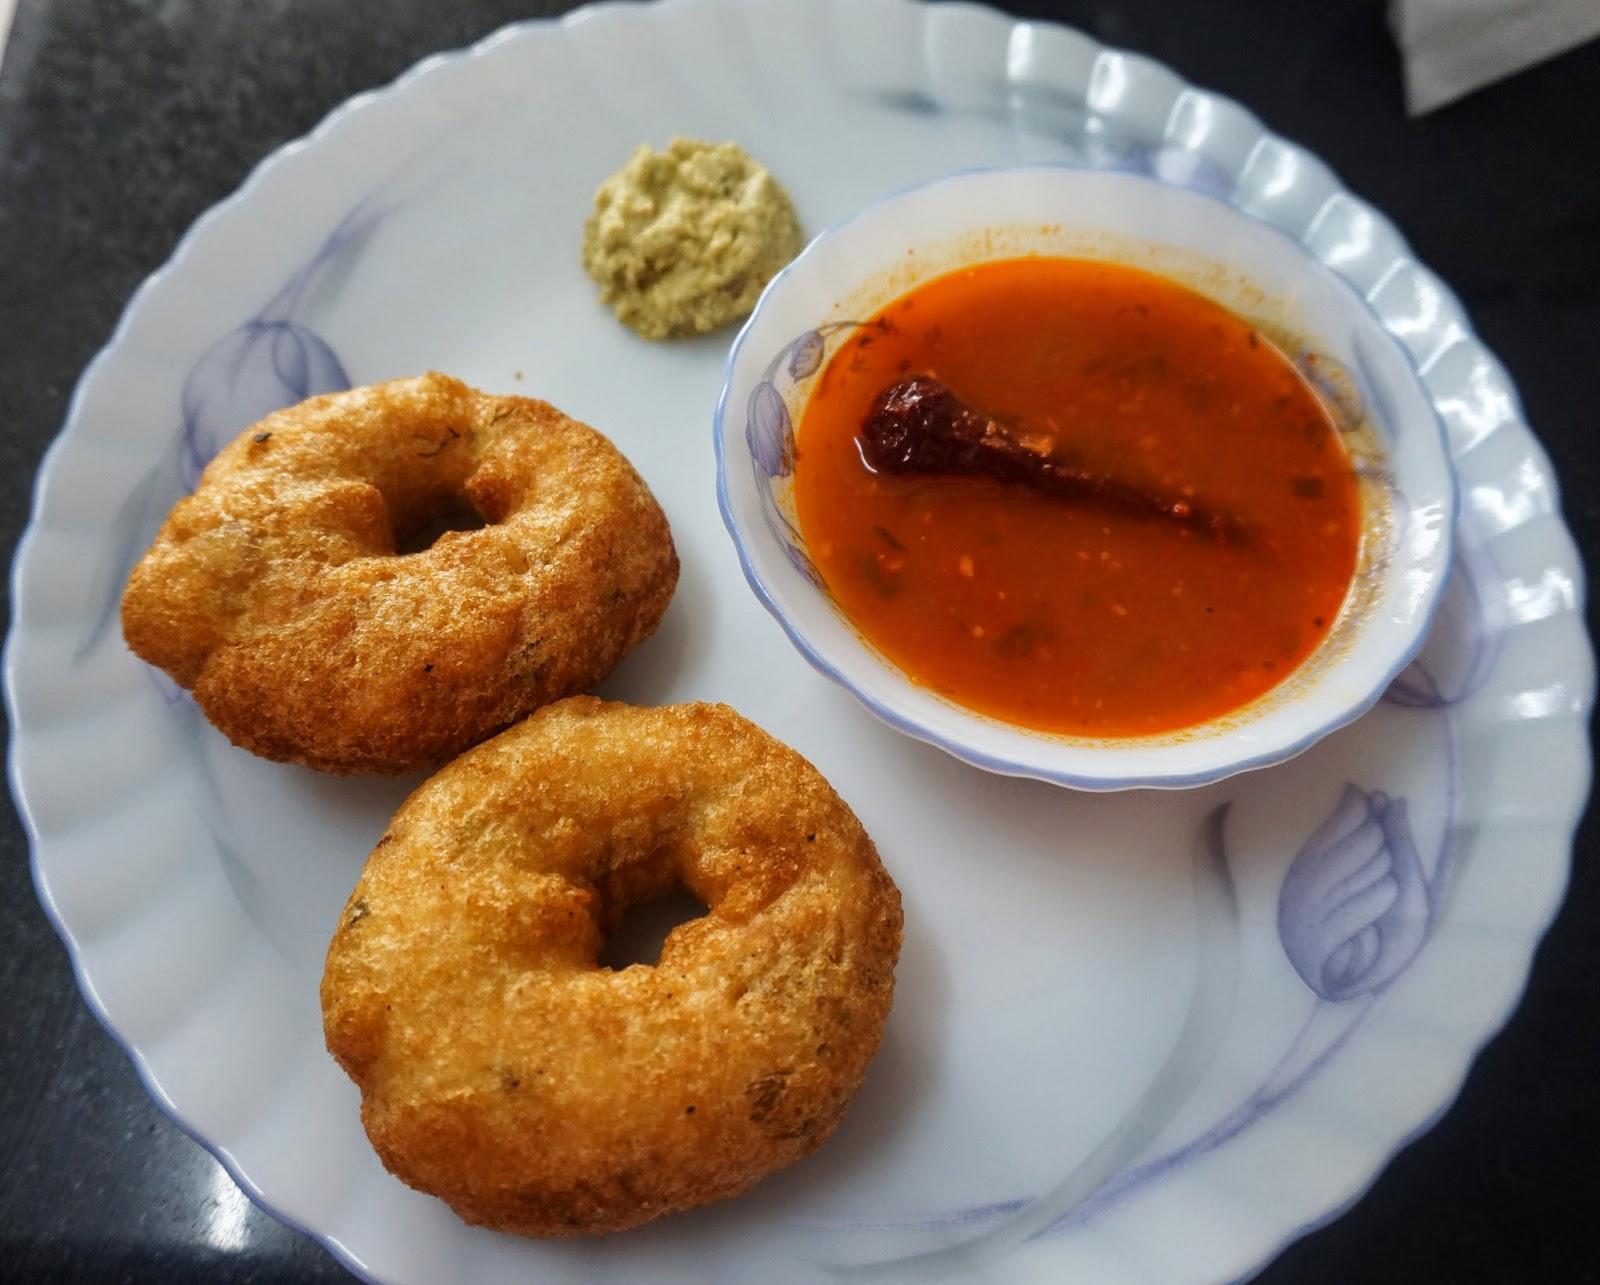 Sambar Vada, Sambhar Vada, Medu Vada